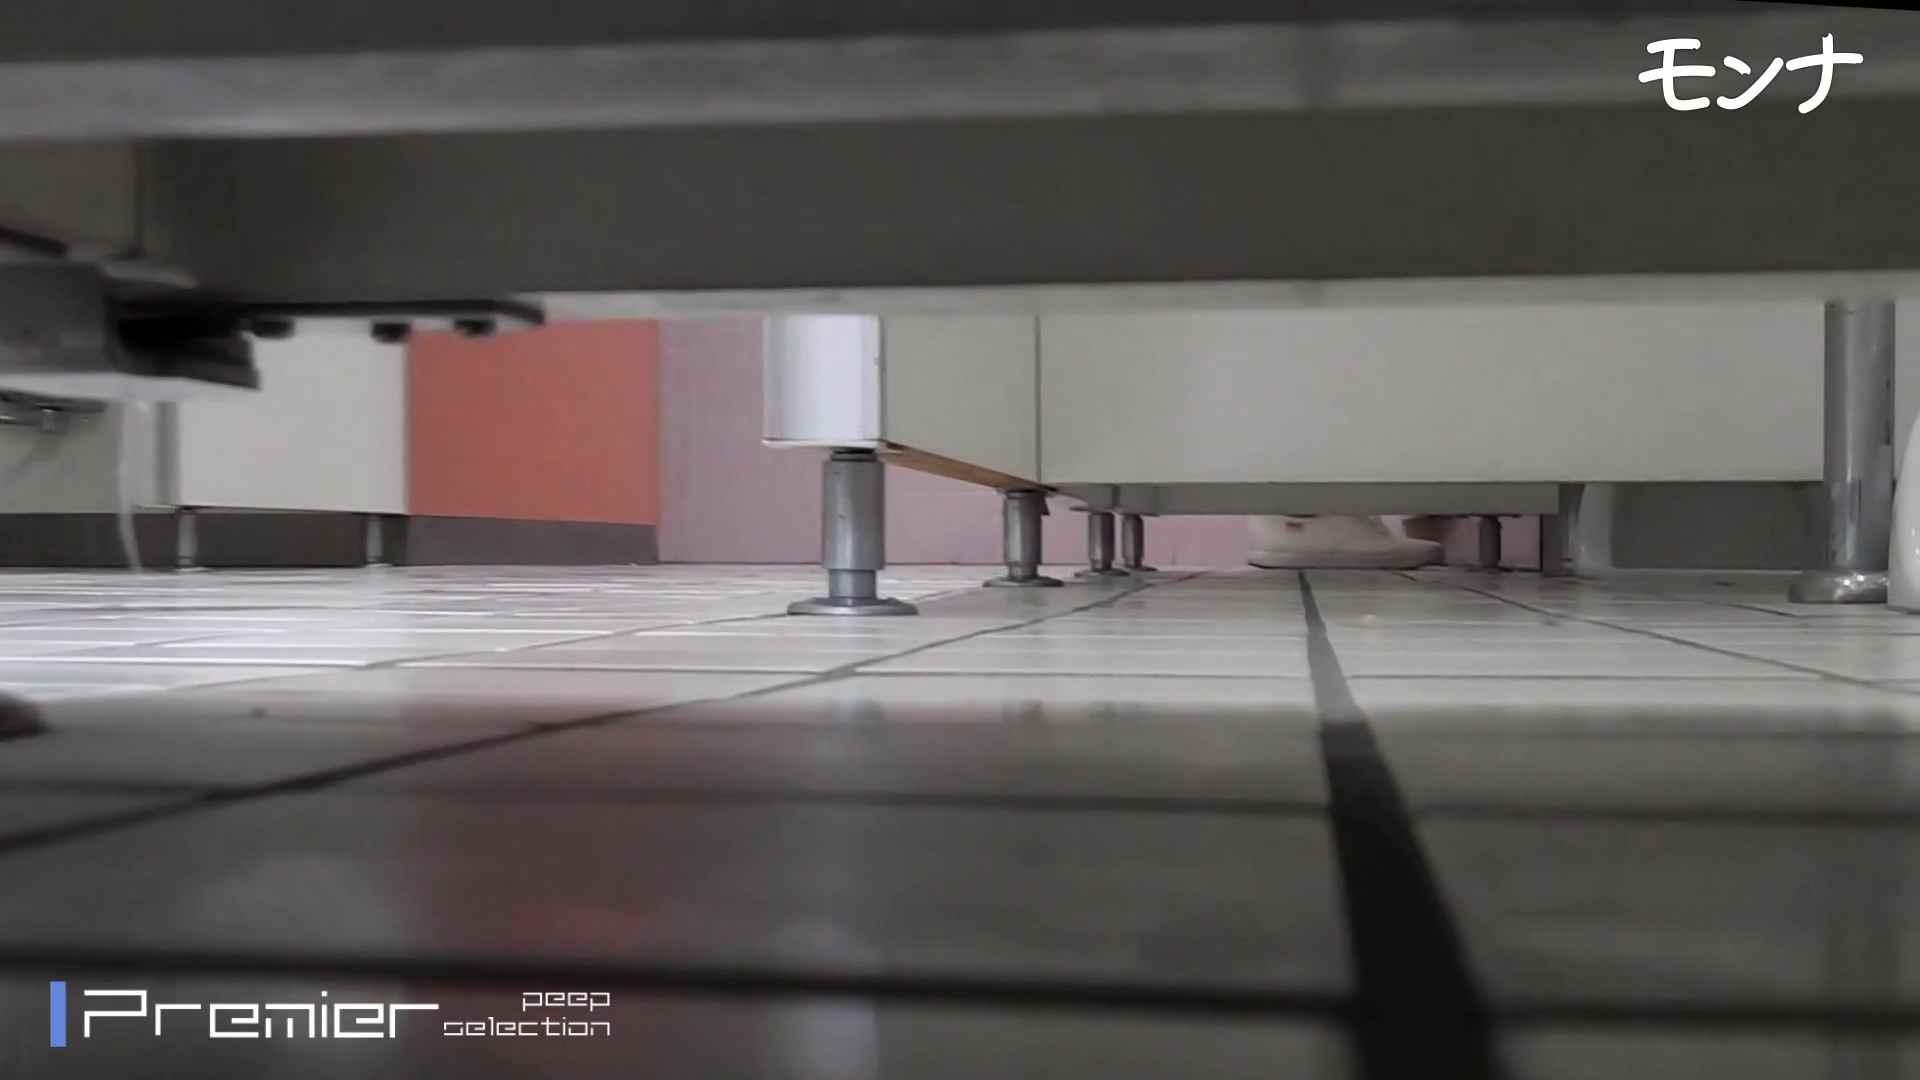 CM 悶絶シリーズ5 【美しい日本の未来 No.128】 おまんこ無修正 | 盗撮  100PIX 73